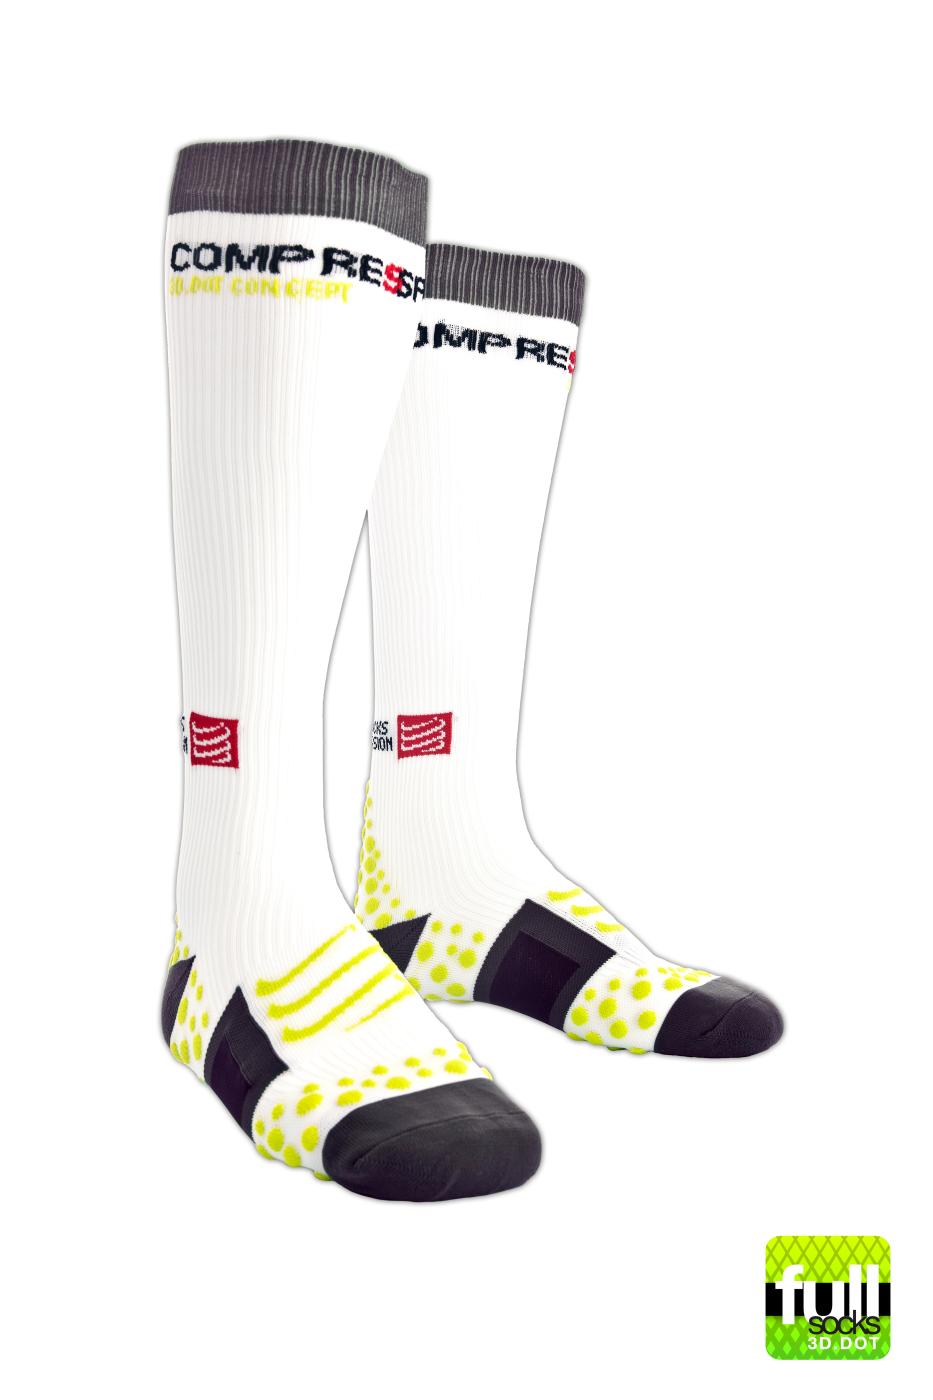 Full Socks v1 - White (1)